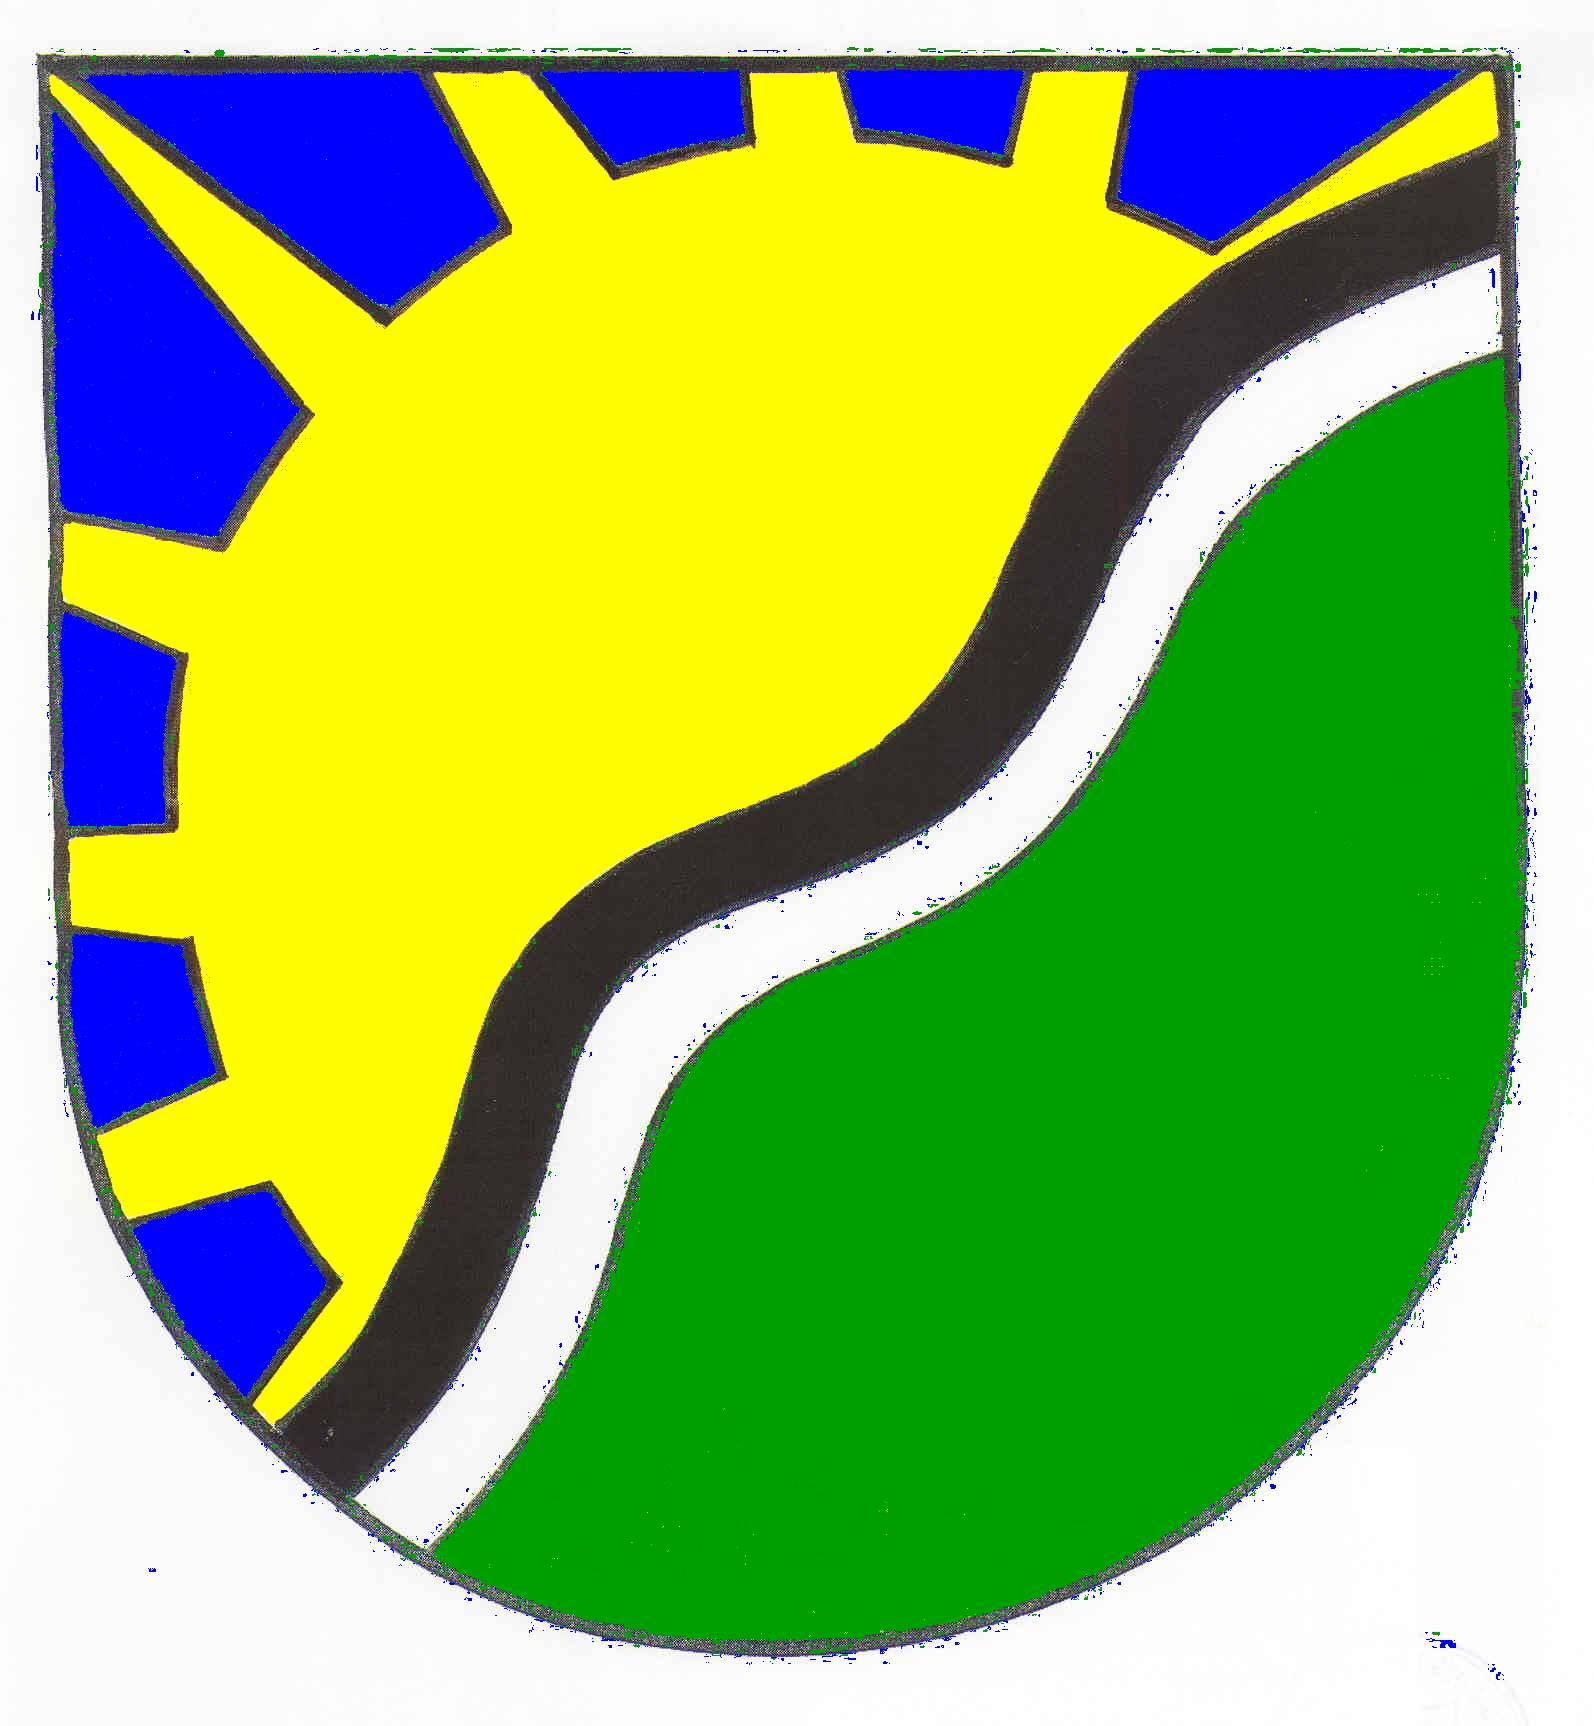 Wappen GemeindeSommerland, Kreis Steinburg